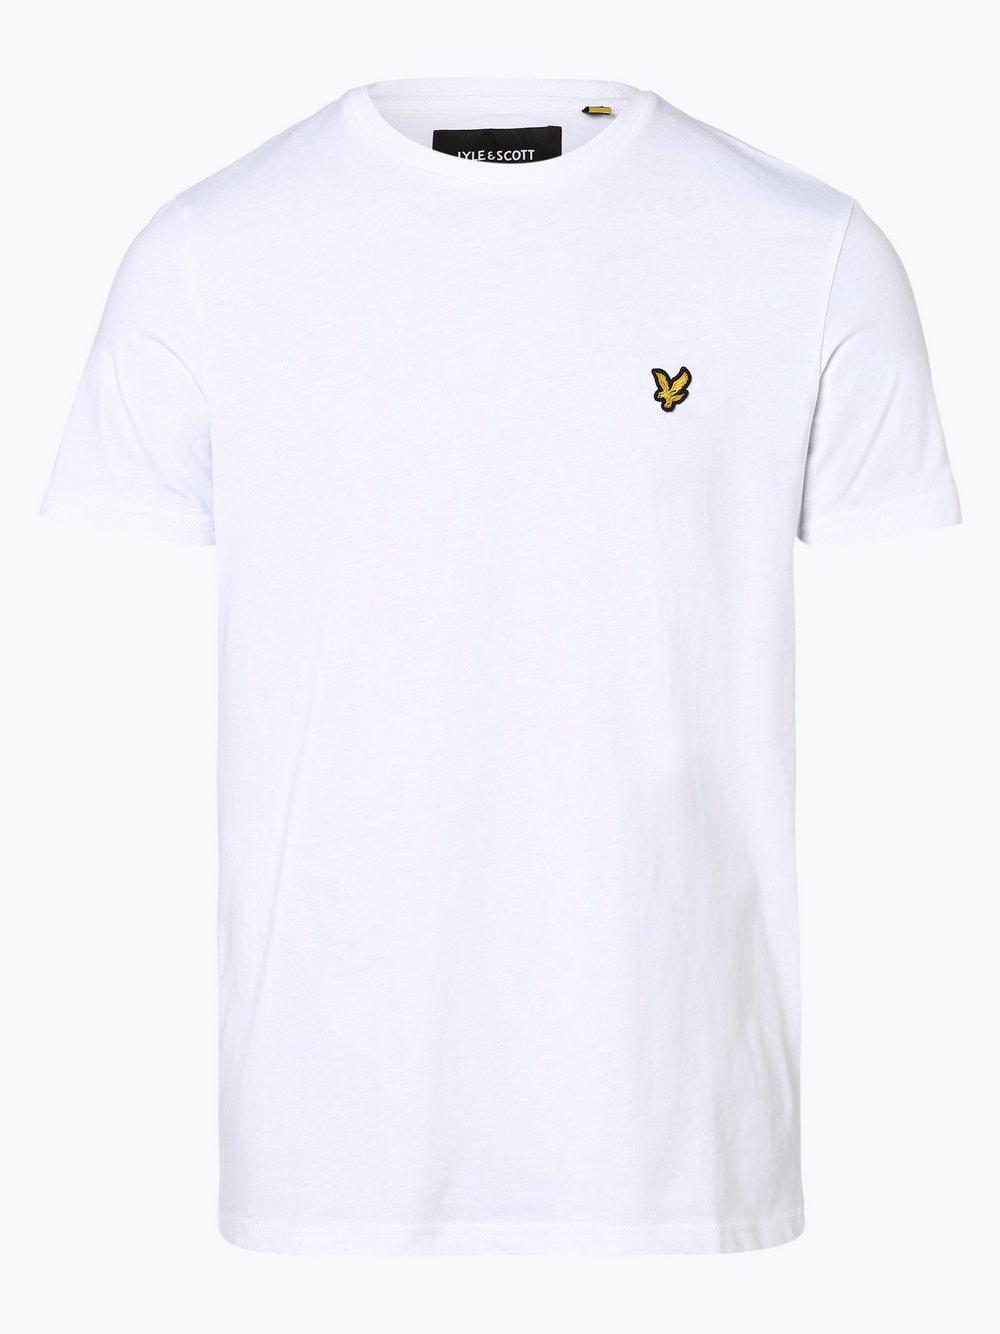 Lyle & Scott – T-shirt męski, biały Van Graaf 379709-0003